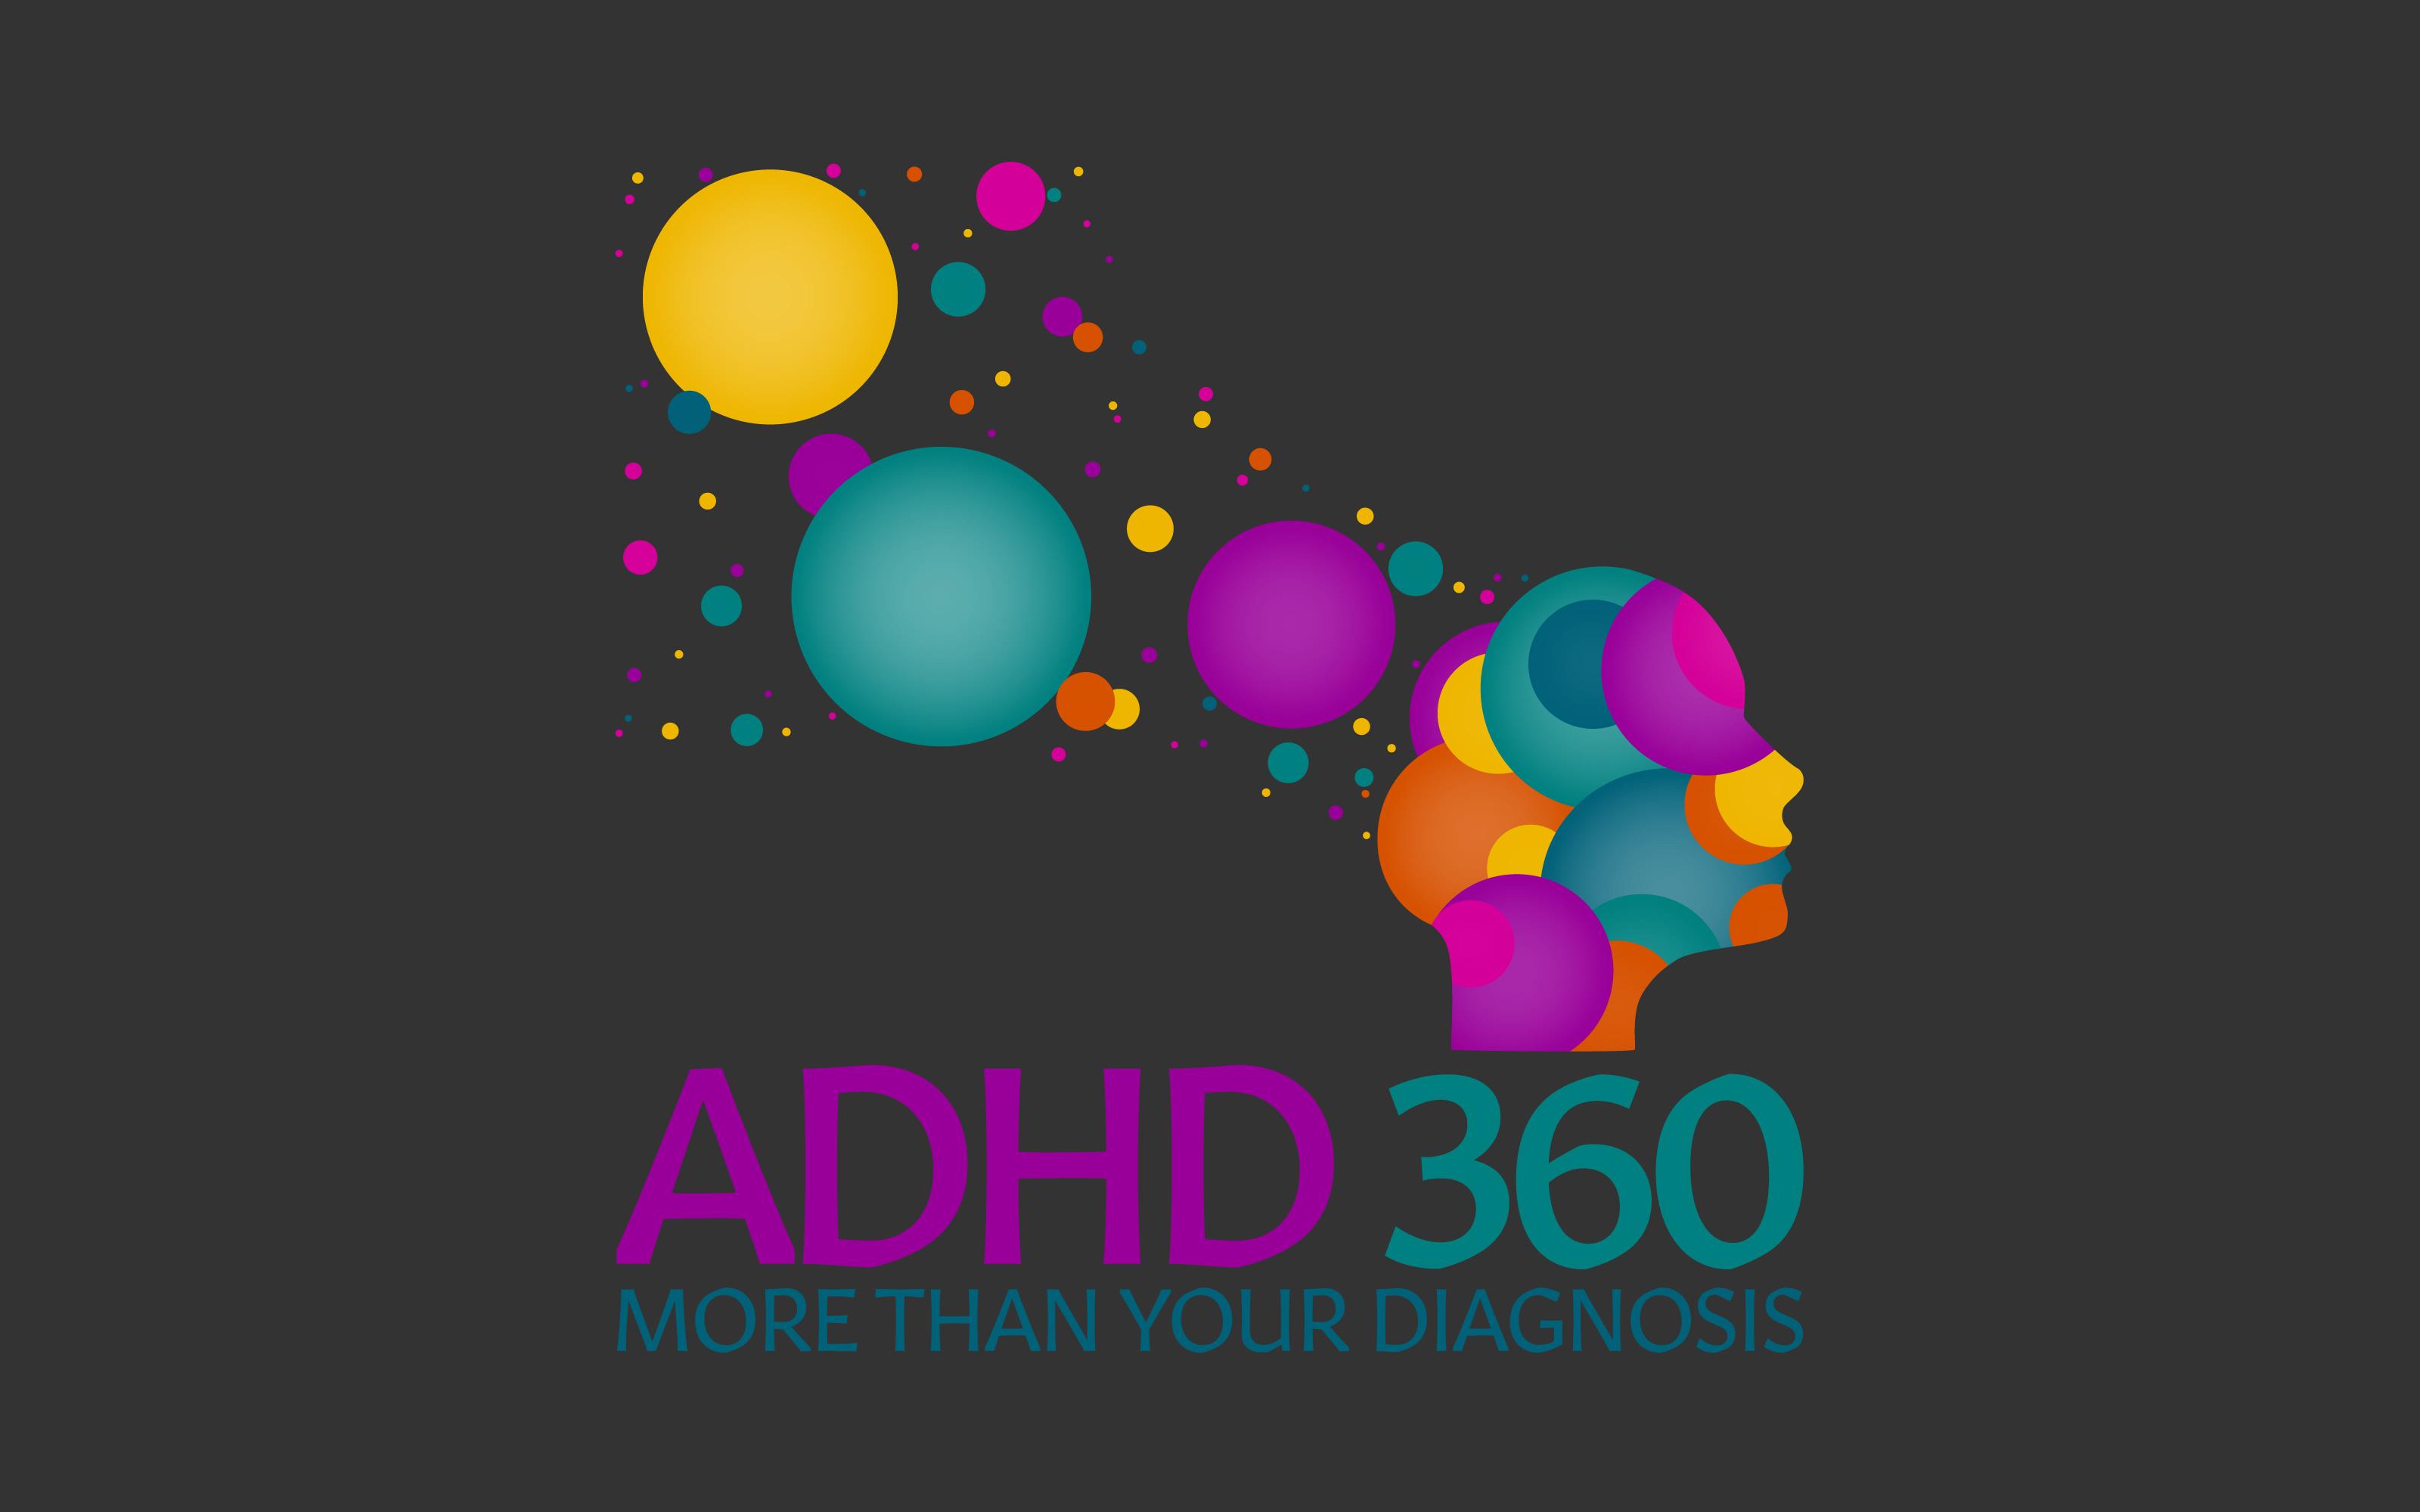 ADHD-360-001-dark